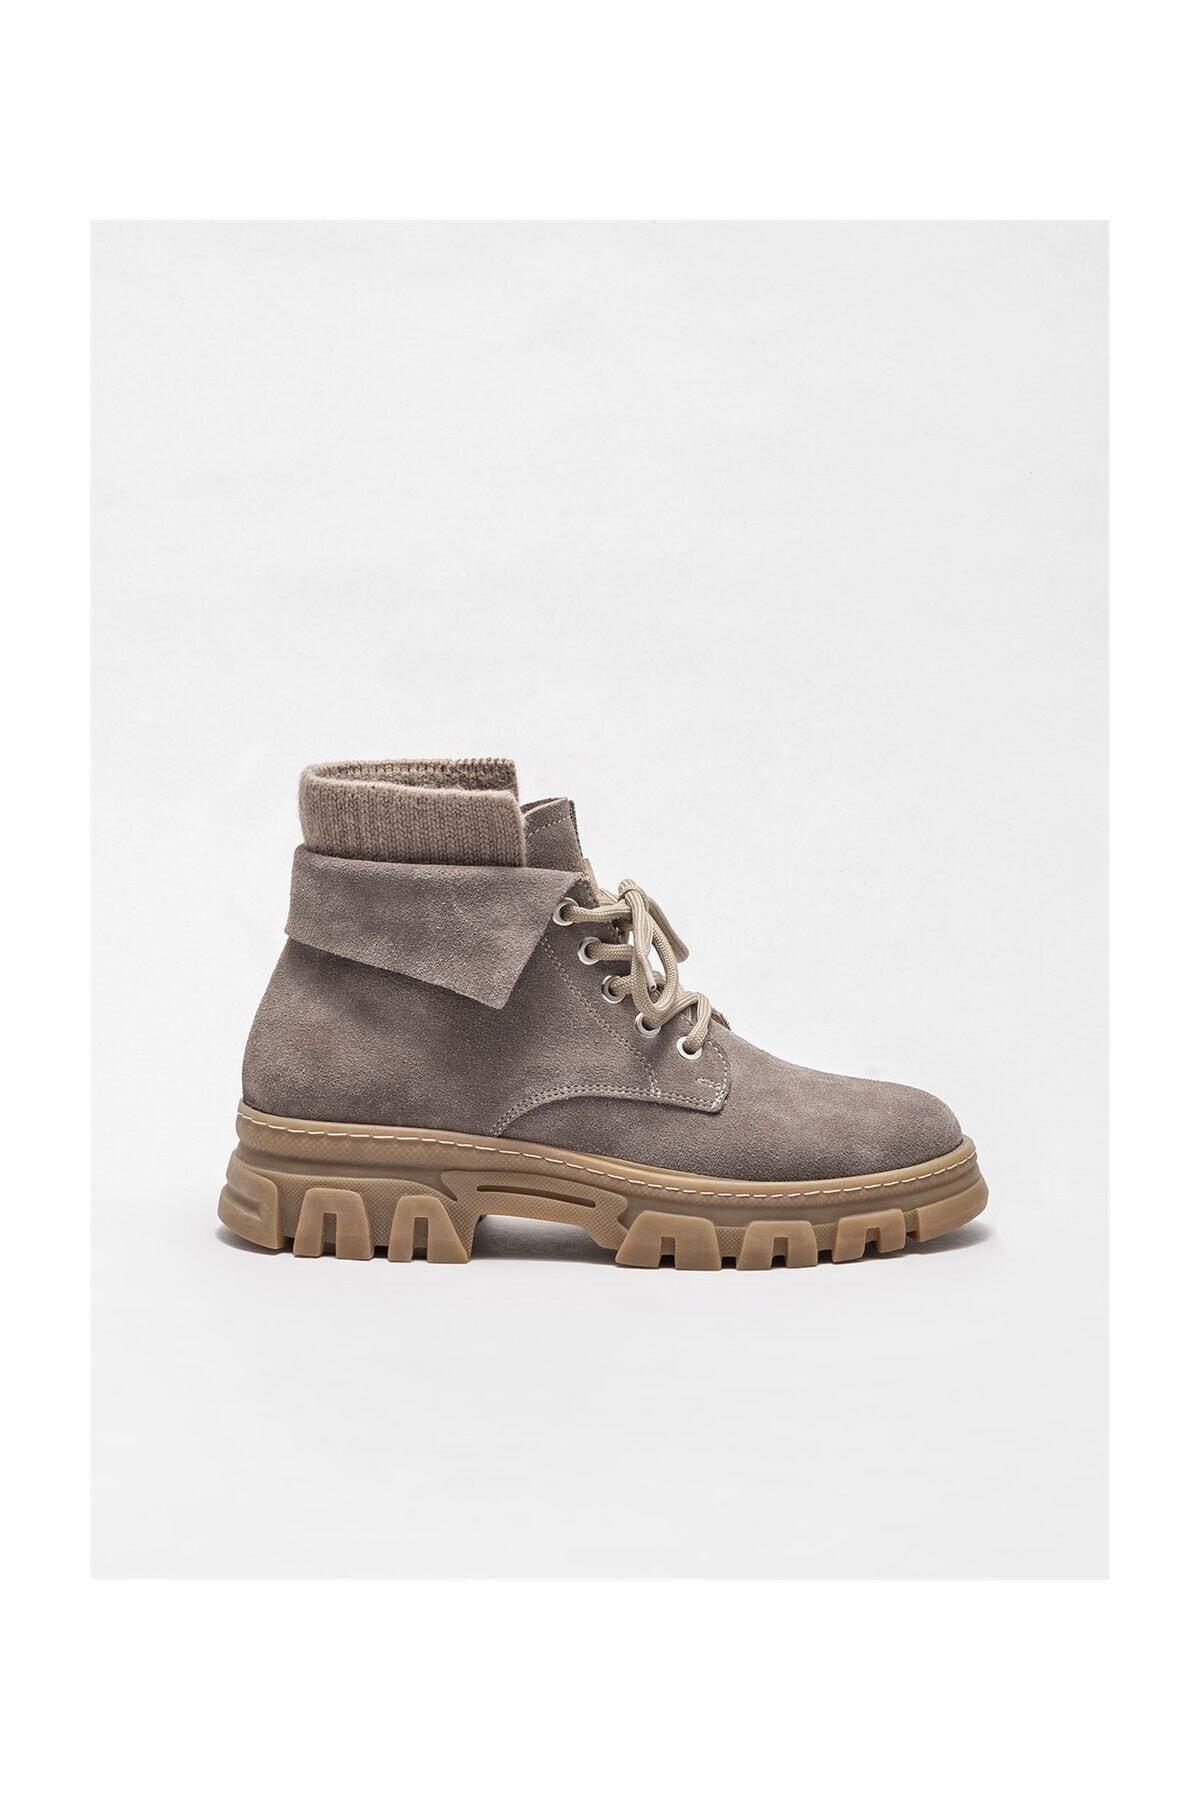 Elle Shoes Kadın Bot & Bootie 20KRGN-31 2